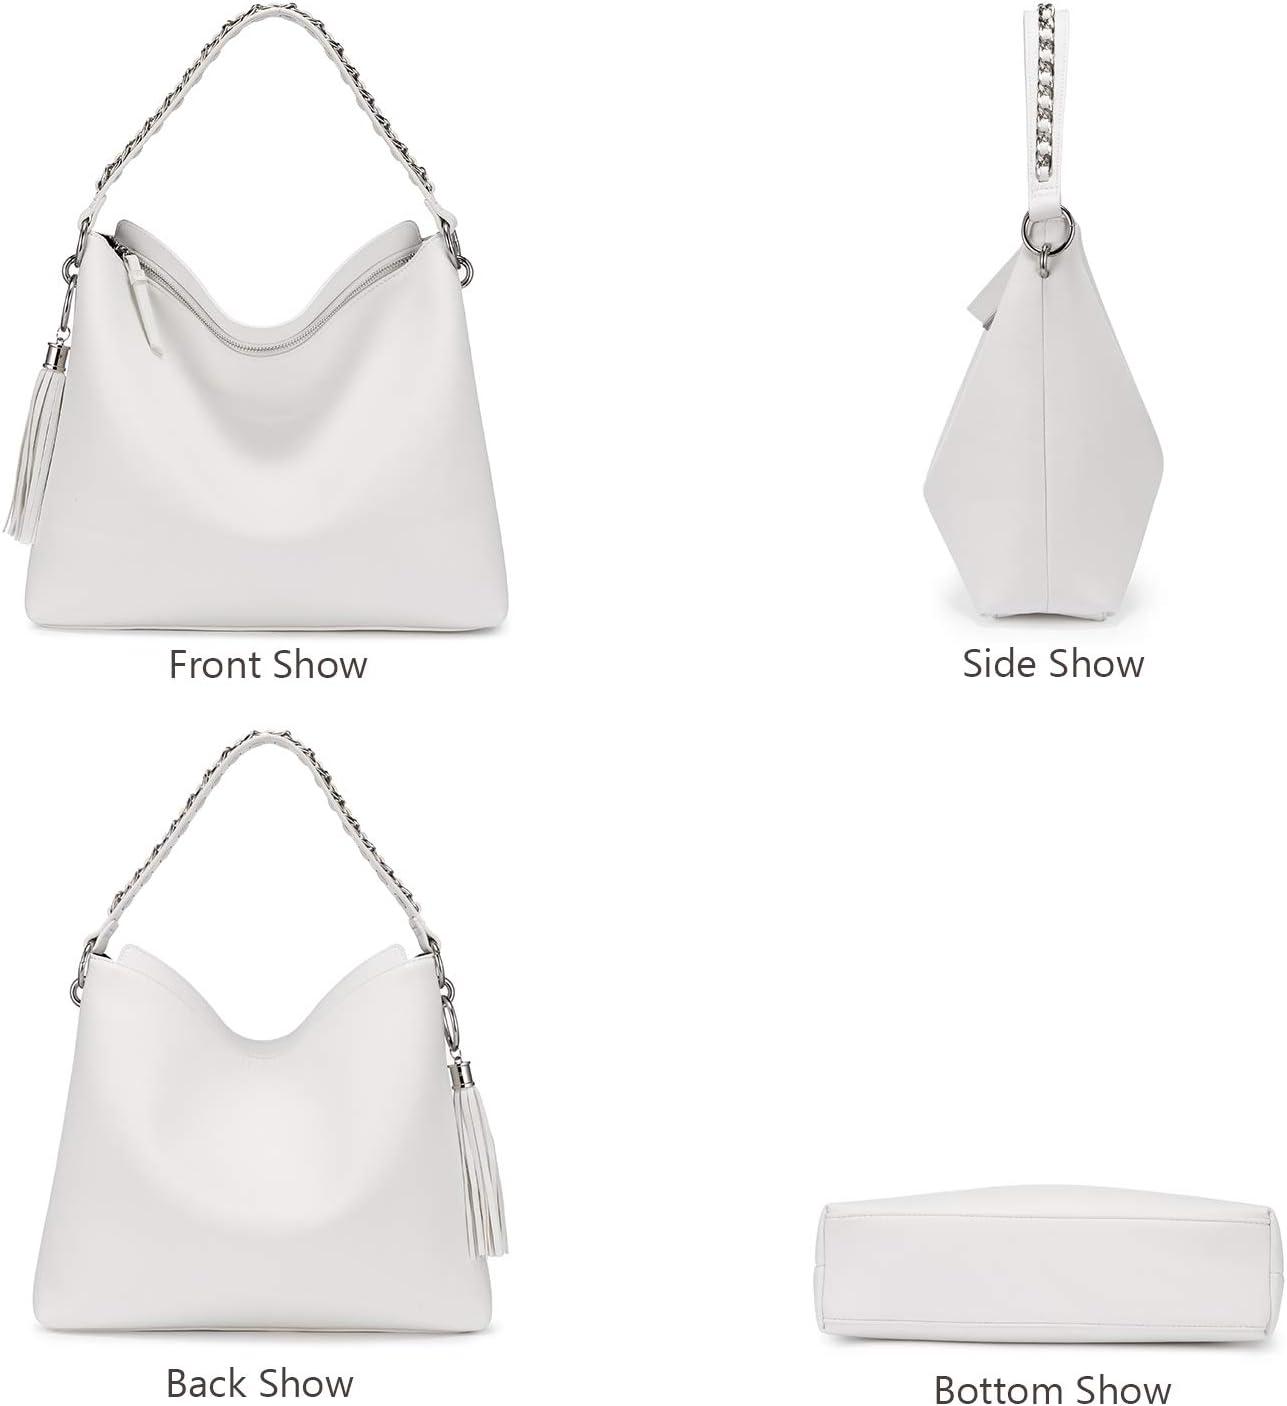 LOVEVOOK Sacs /à main femme grand sac /à bandouli/ère en simili cuir sac /à bandouli/ère avec glands designer sac hobo lot de 2 petit sac cosm/étique Blanc